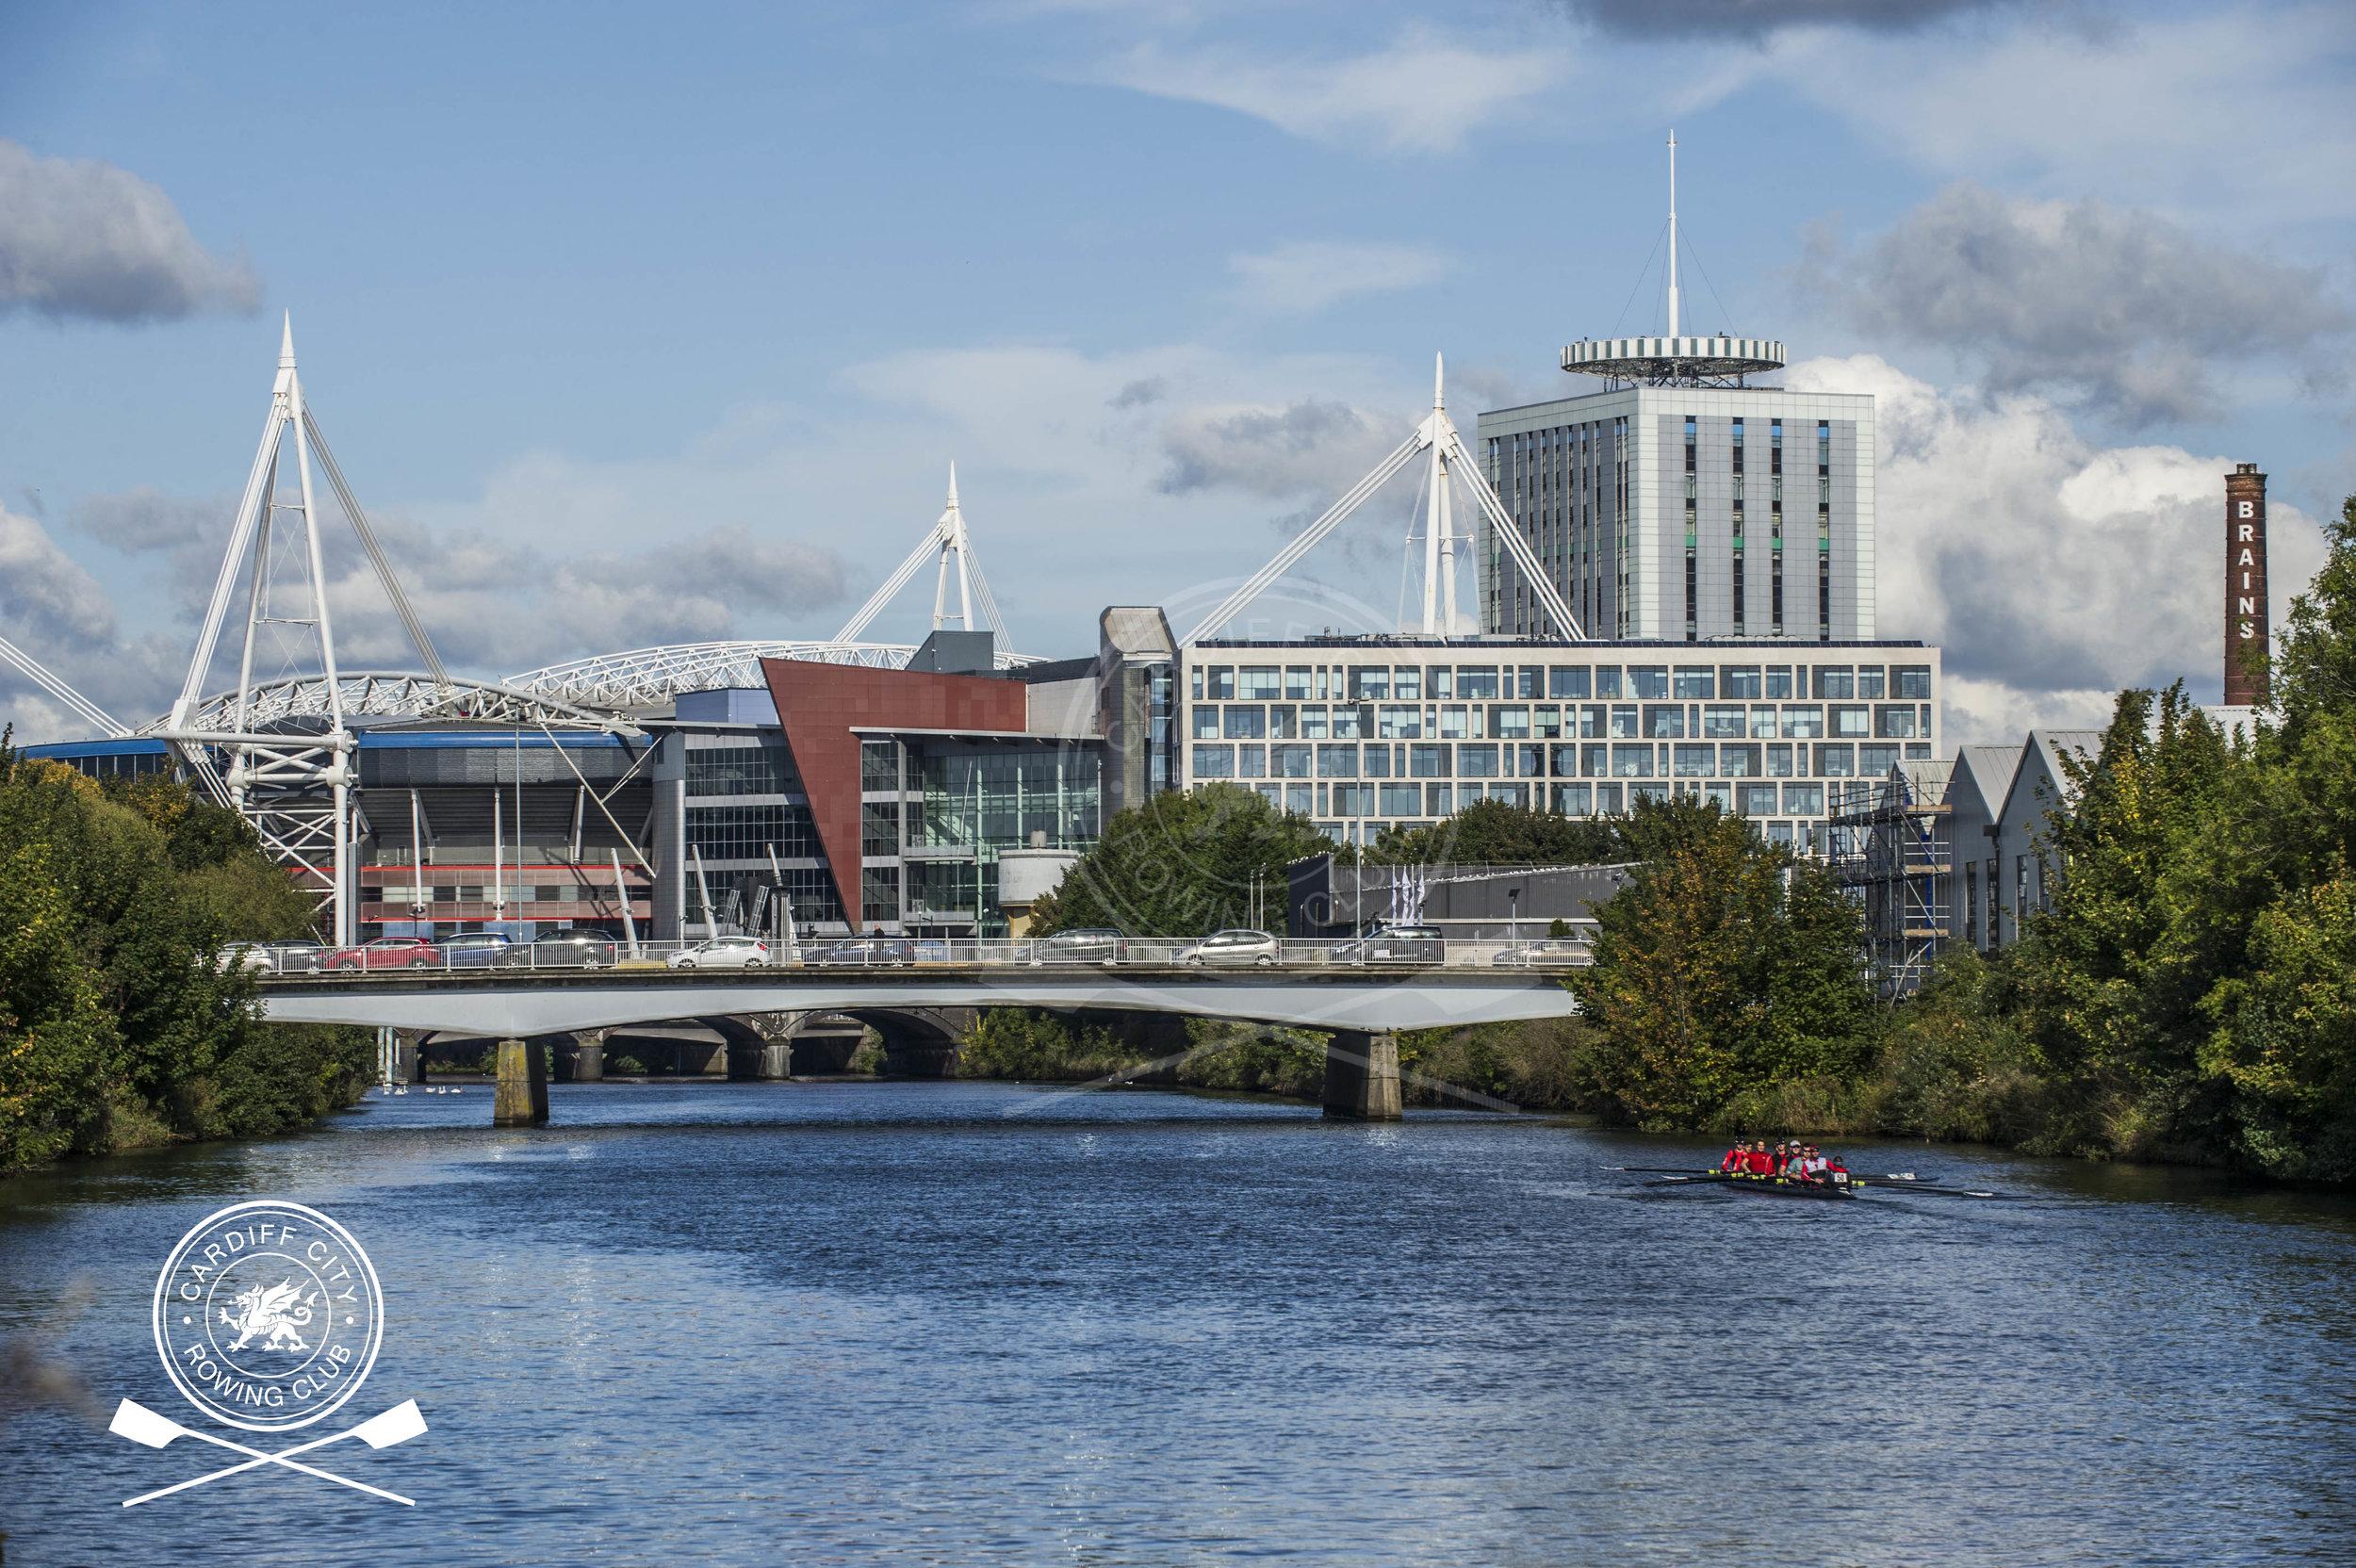 Cardiff_City_Head_Race_149.jpg